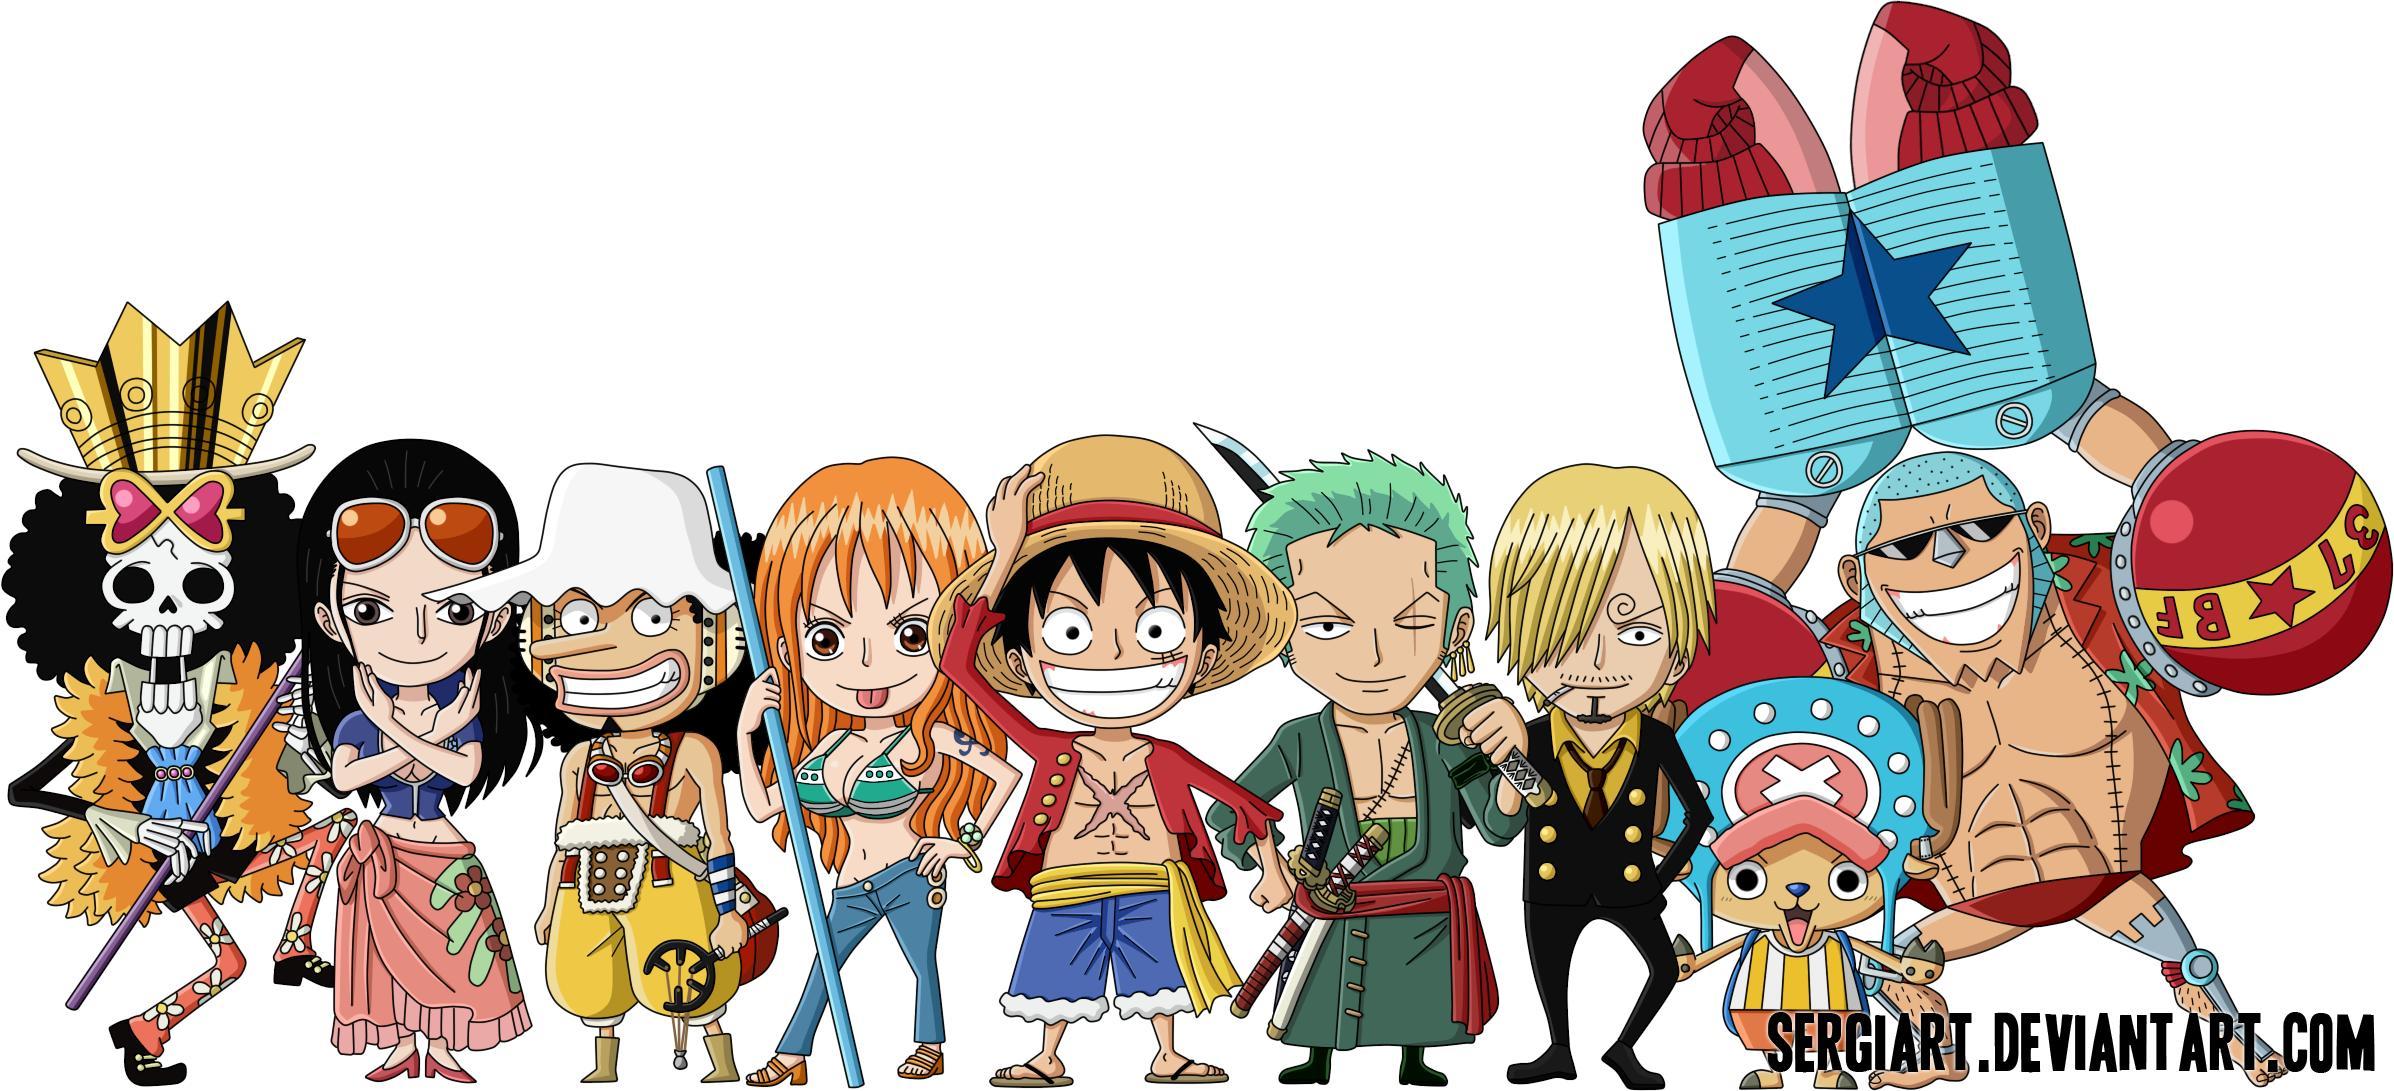 Chibis 'One Piece'